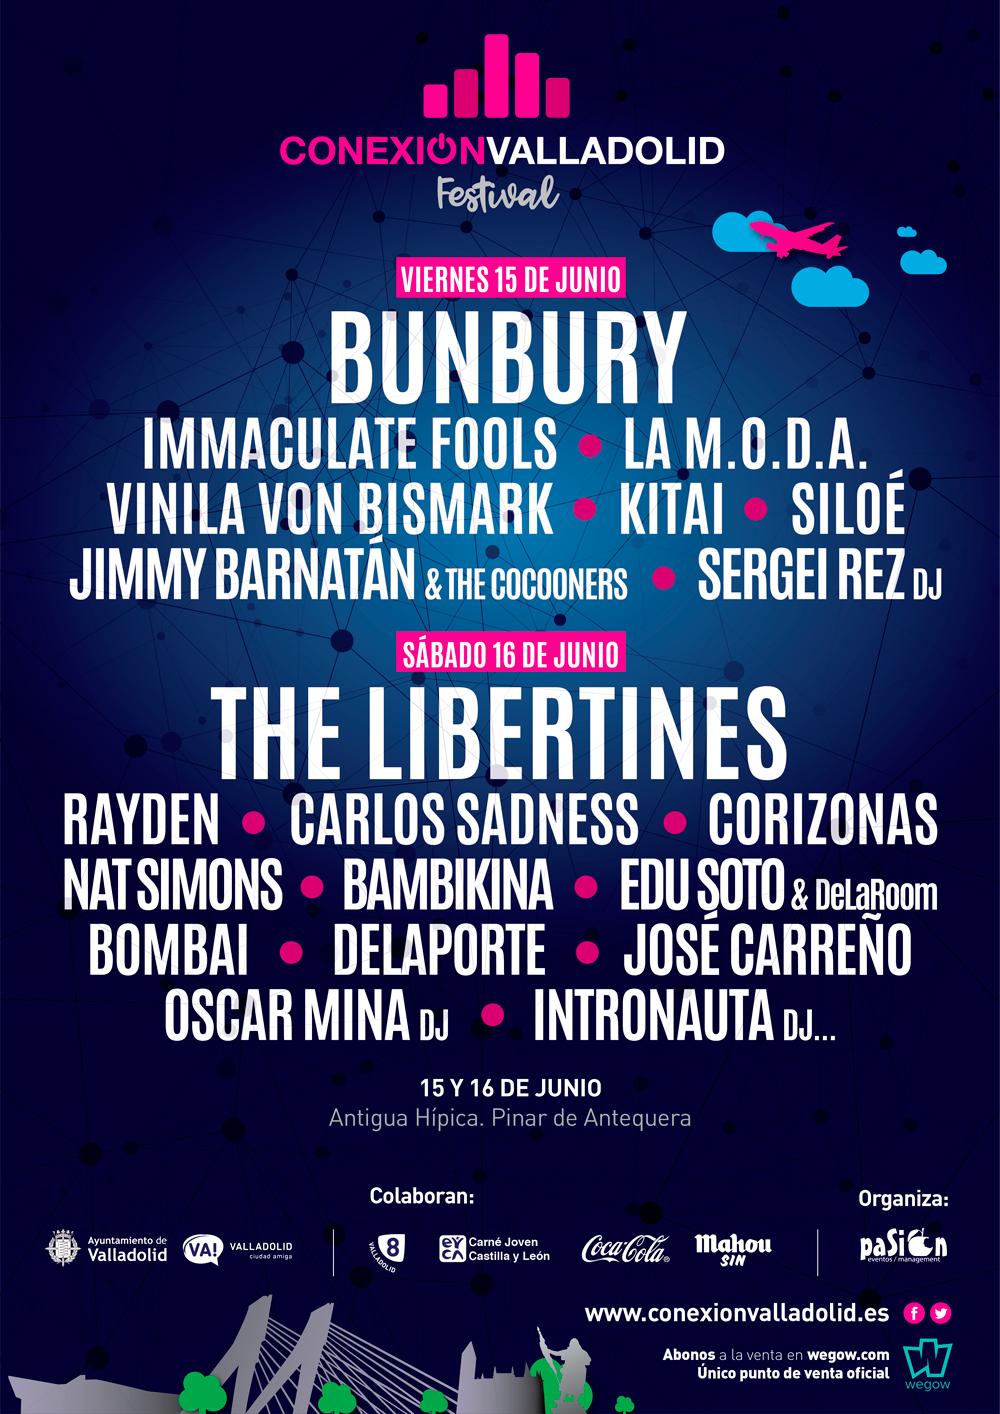 Venta de entradas - Conexión Valladolid Festival